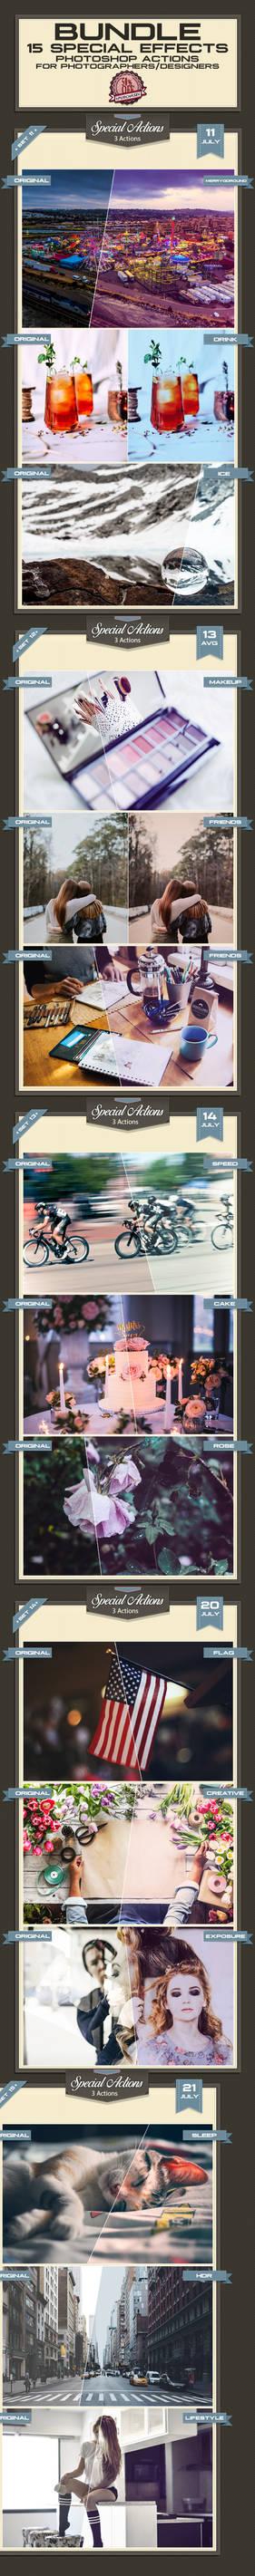 15 Special Photoshop Actions Bundle - Premium!